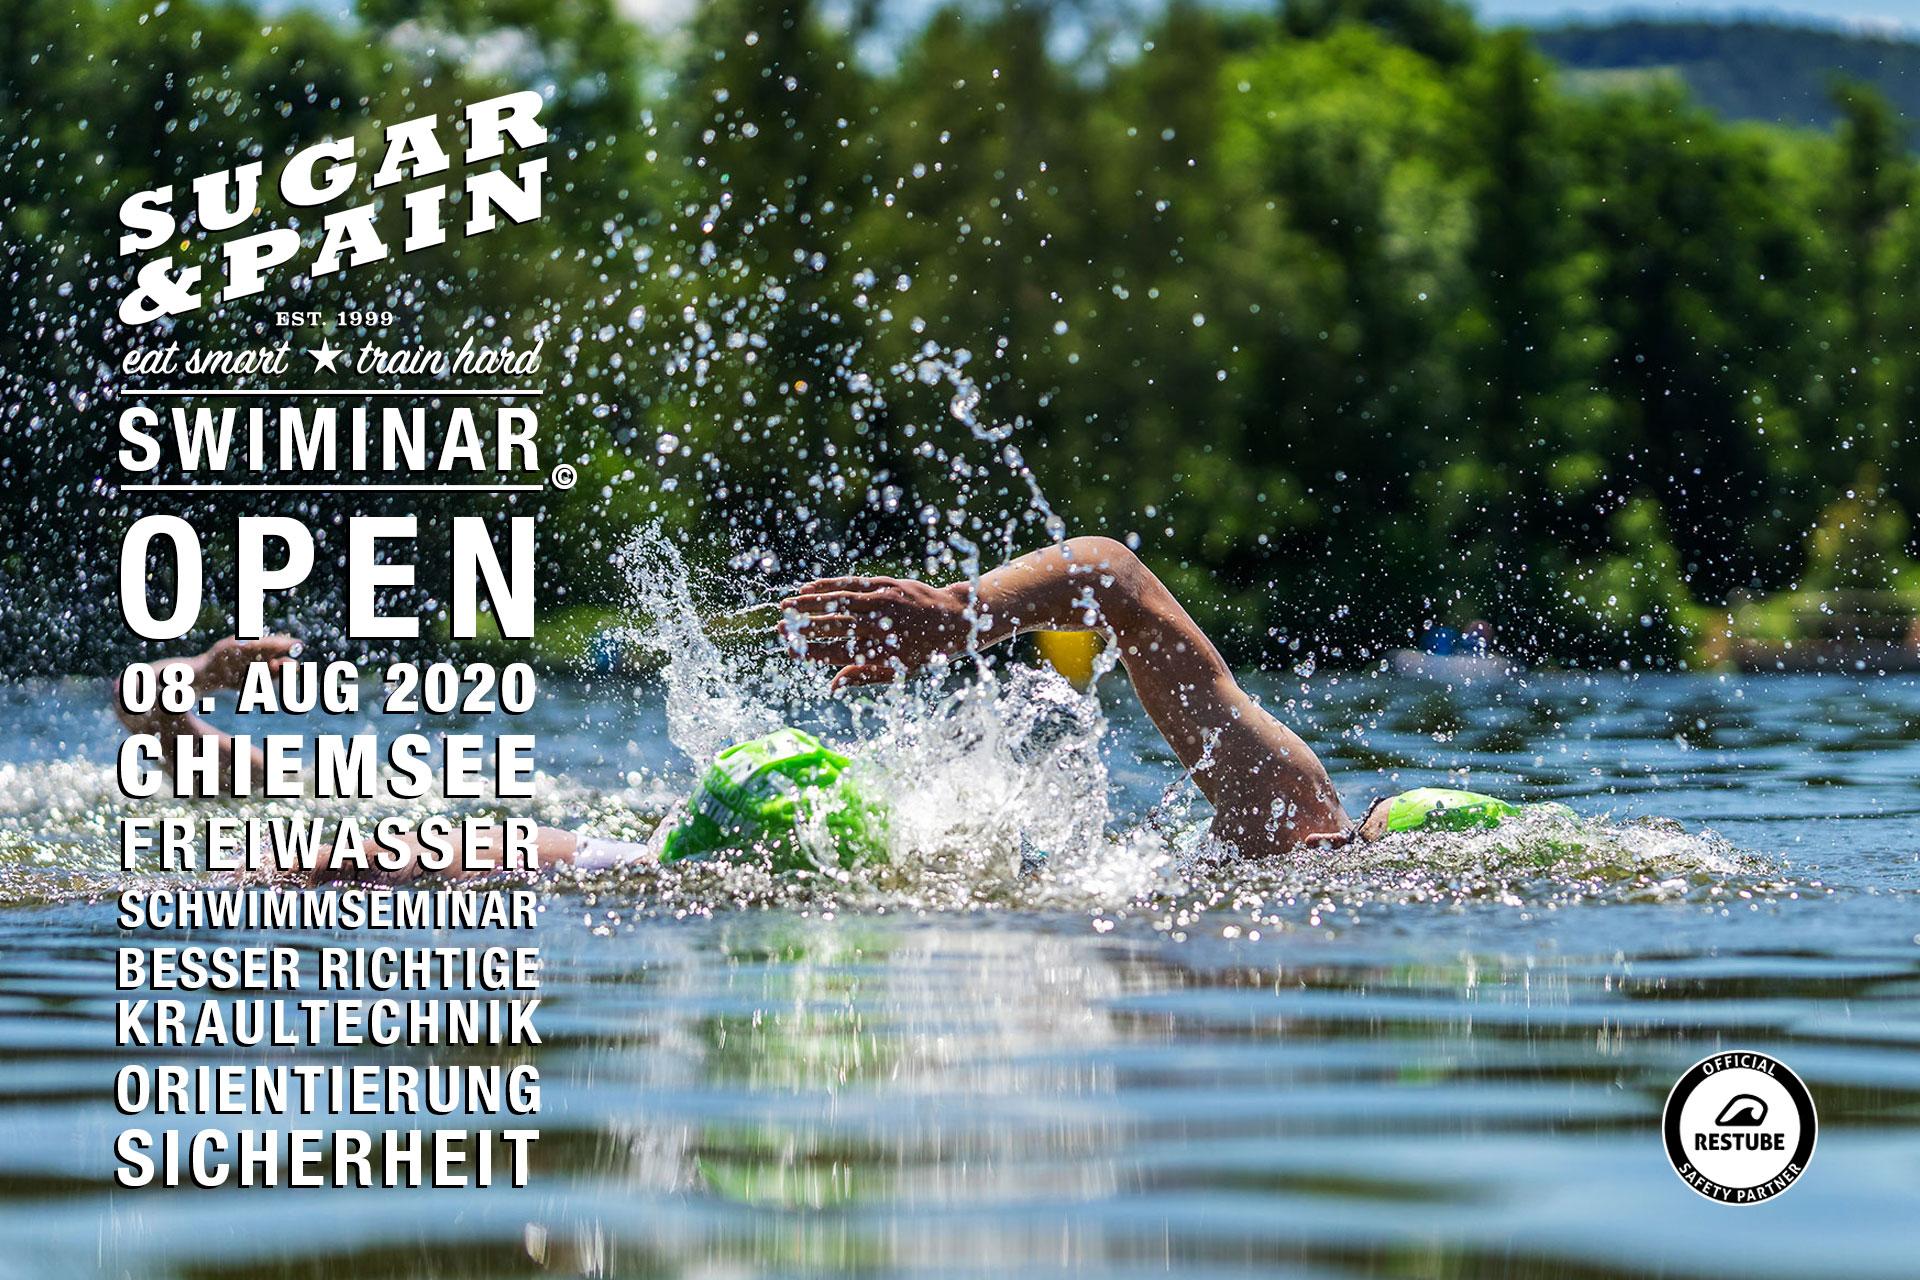 SWIMINAR #OPEN Chiemsee / Besser Kraulschwimmen im Freiwasser / Titel © Stefan Drexl / Adobe Stock